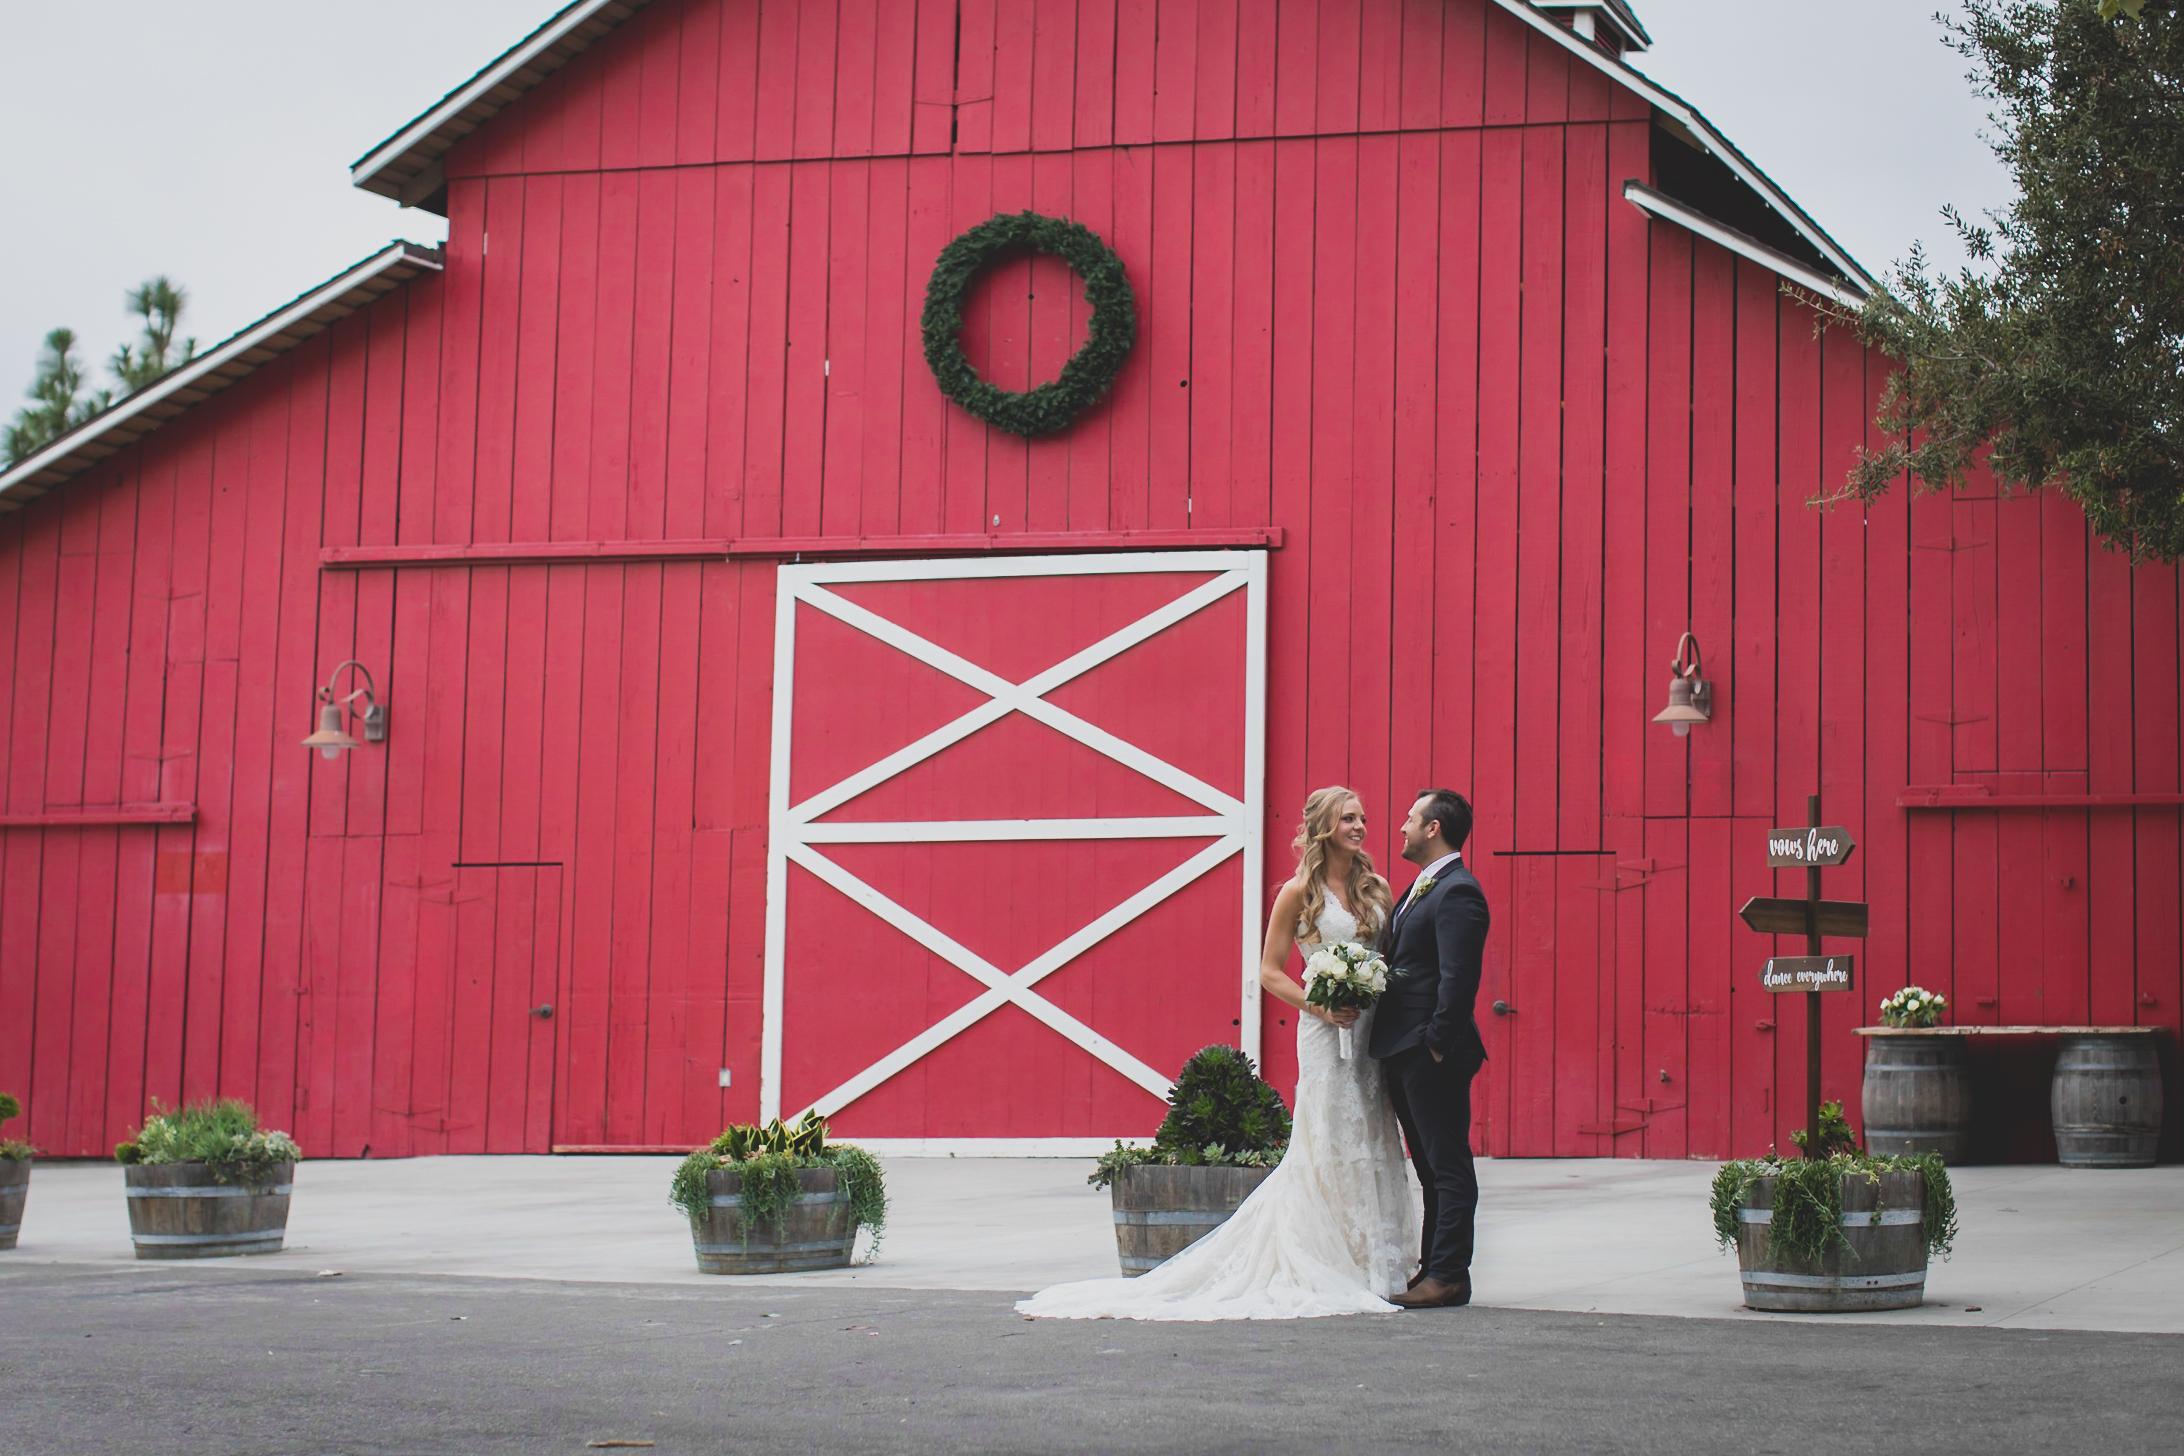 Camarillo Ranch - Camarillo, CA Wedding Venue - Bride and Groom Couples Photoshoot